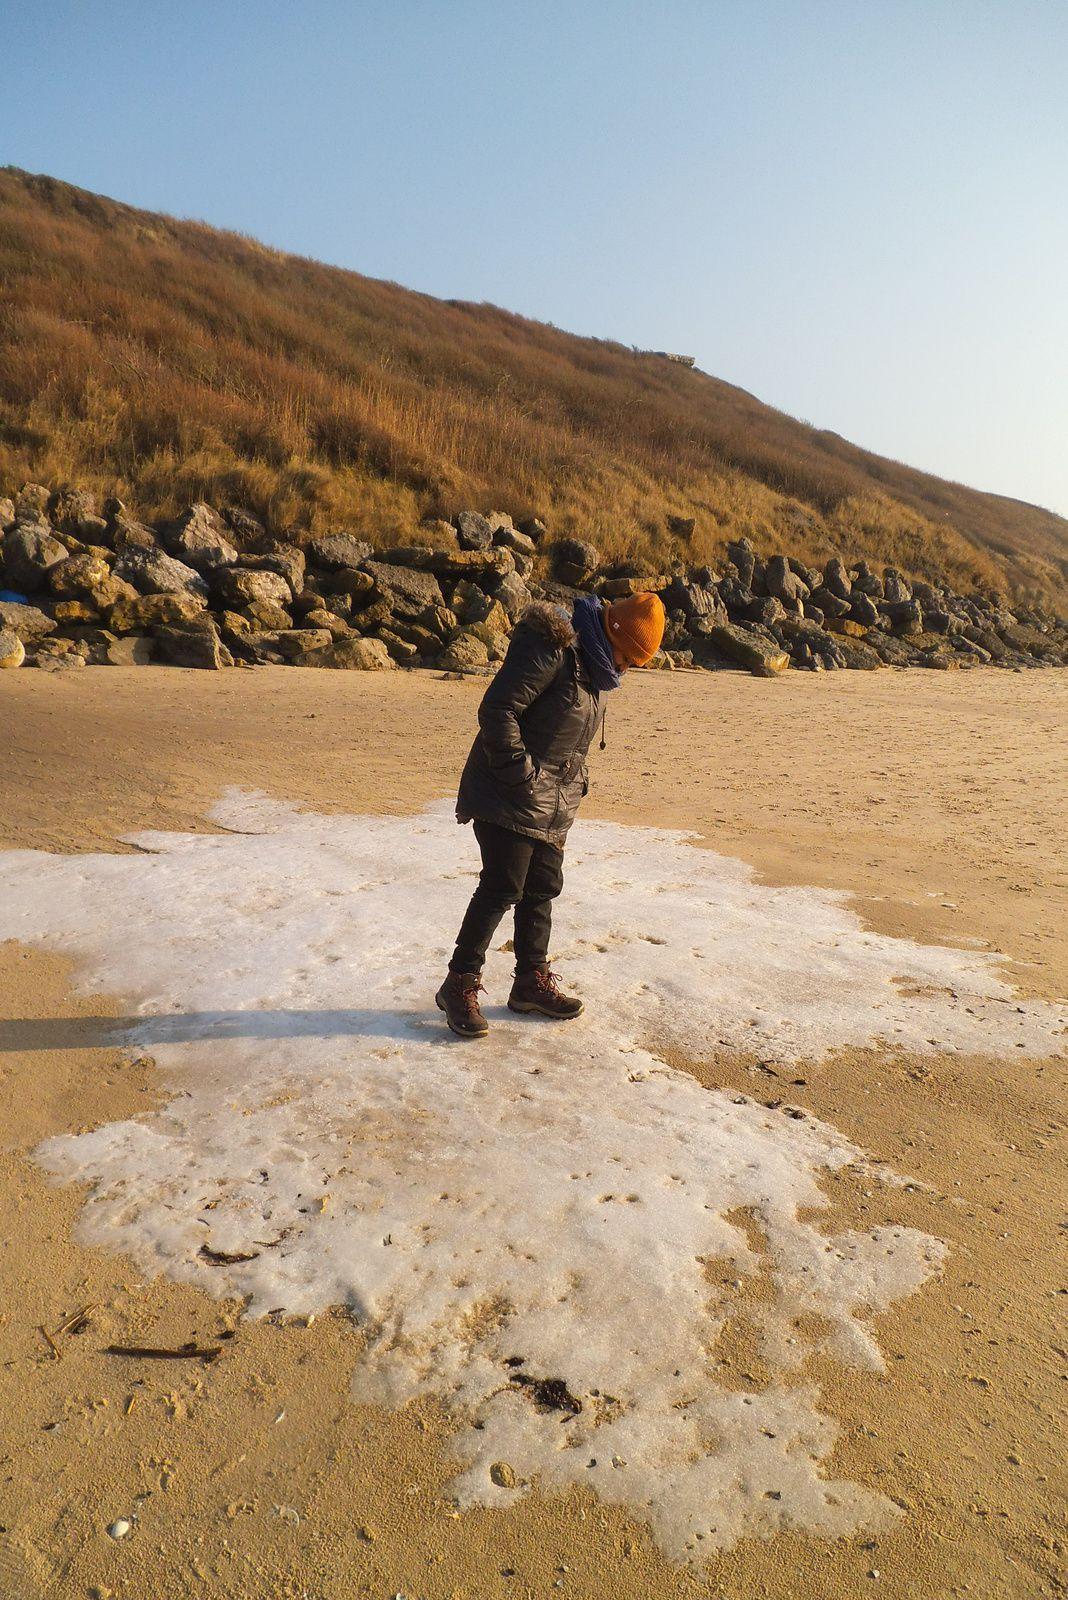 la plage était gelée